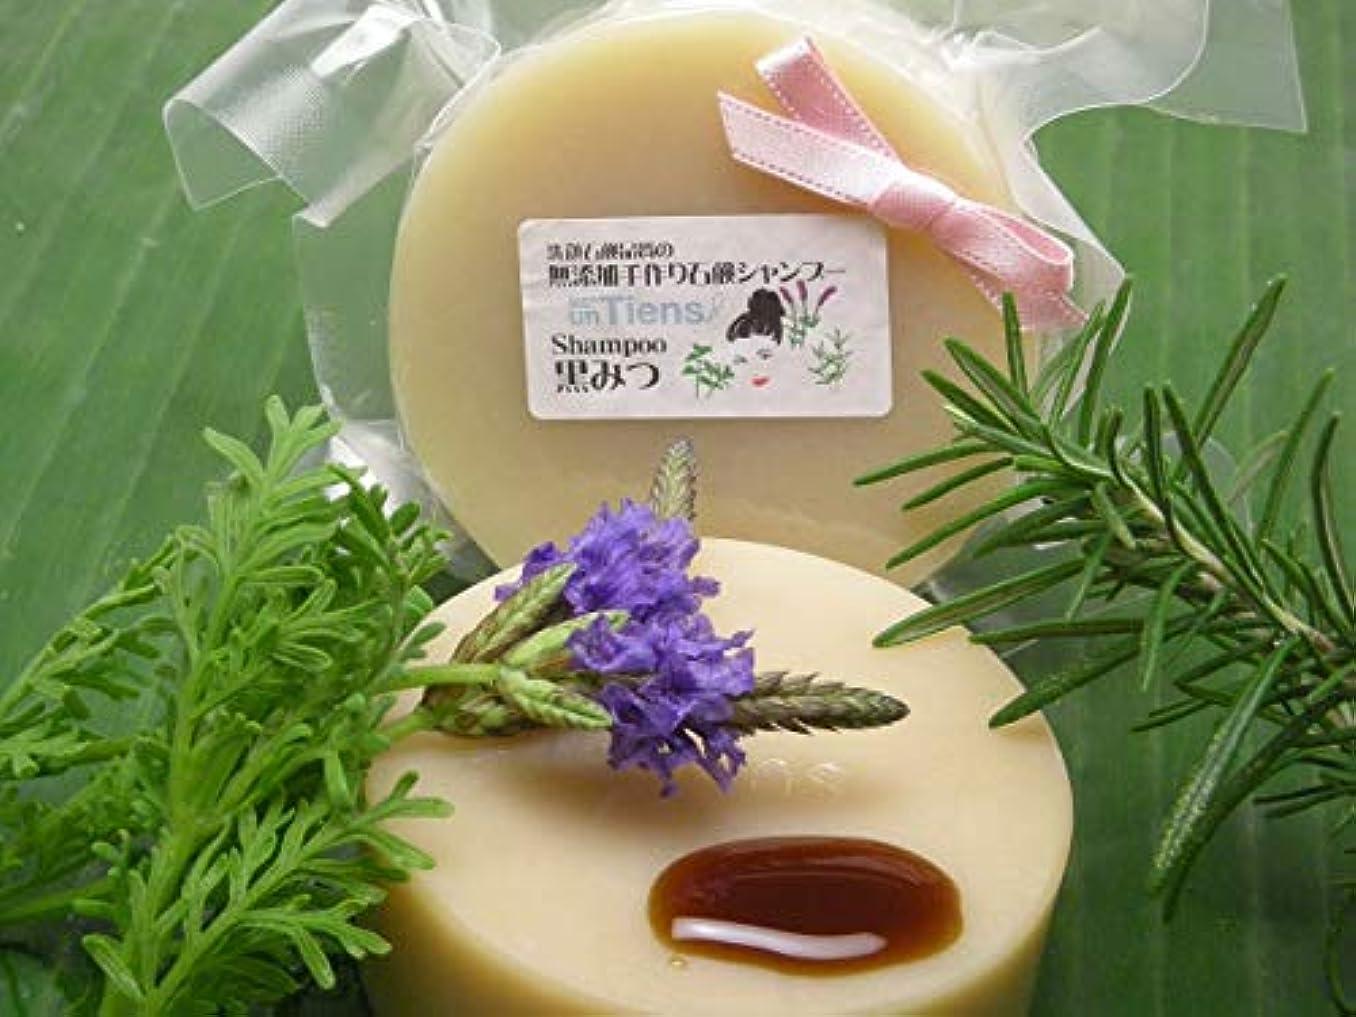 小石スズメバチ清める洗顔石鹸品質の無添加手作り固形石鹸シャンプー 「黒みつ」たっぷり使える丸型 お得な3個セット300g